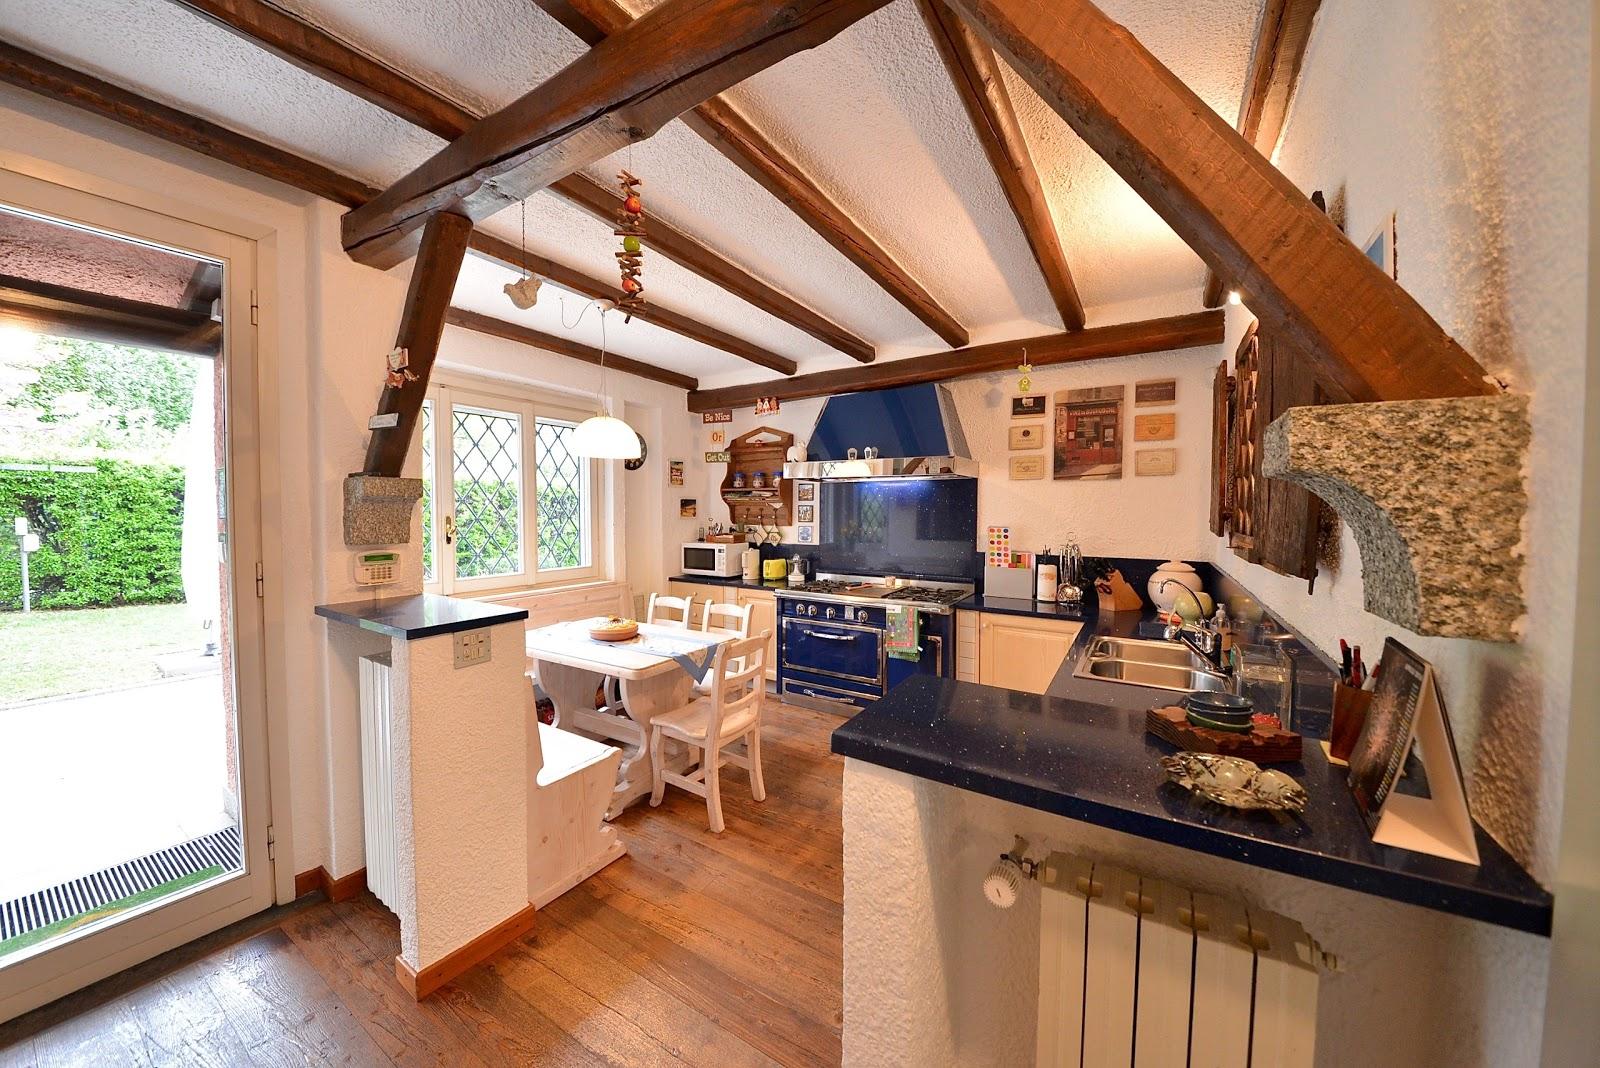 villa di lusso in vendita cucina con pavimenti in legno